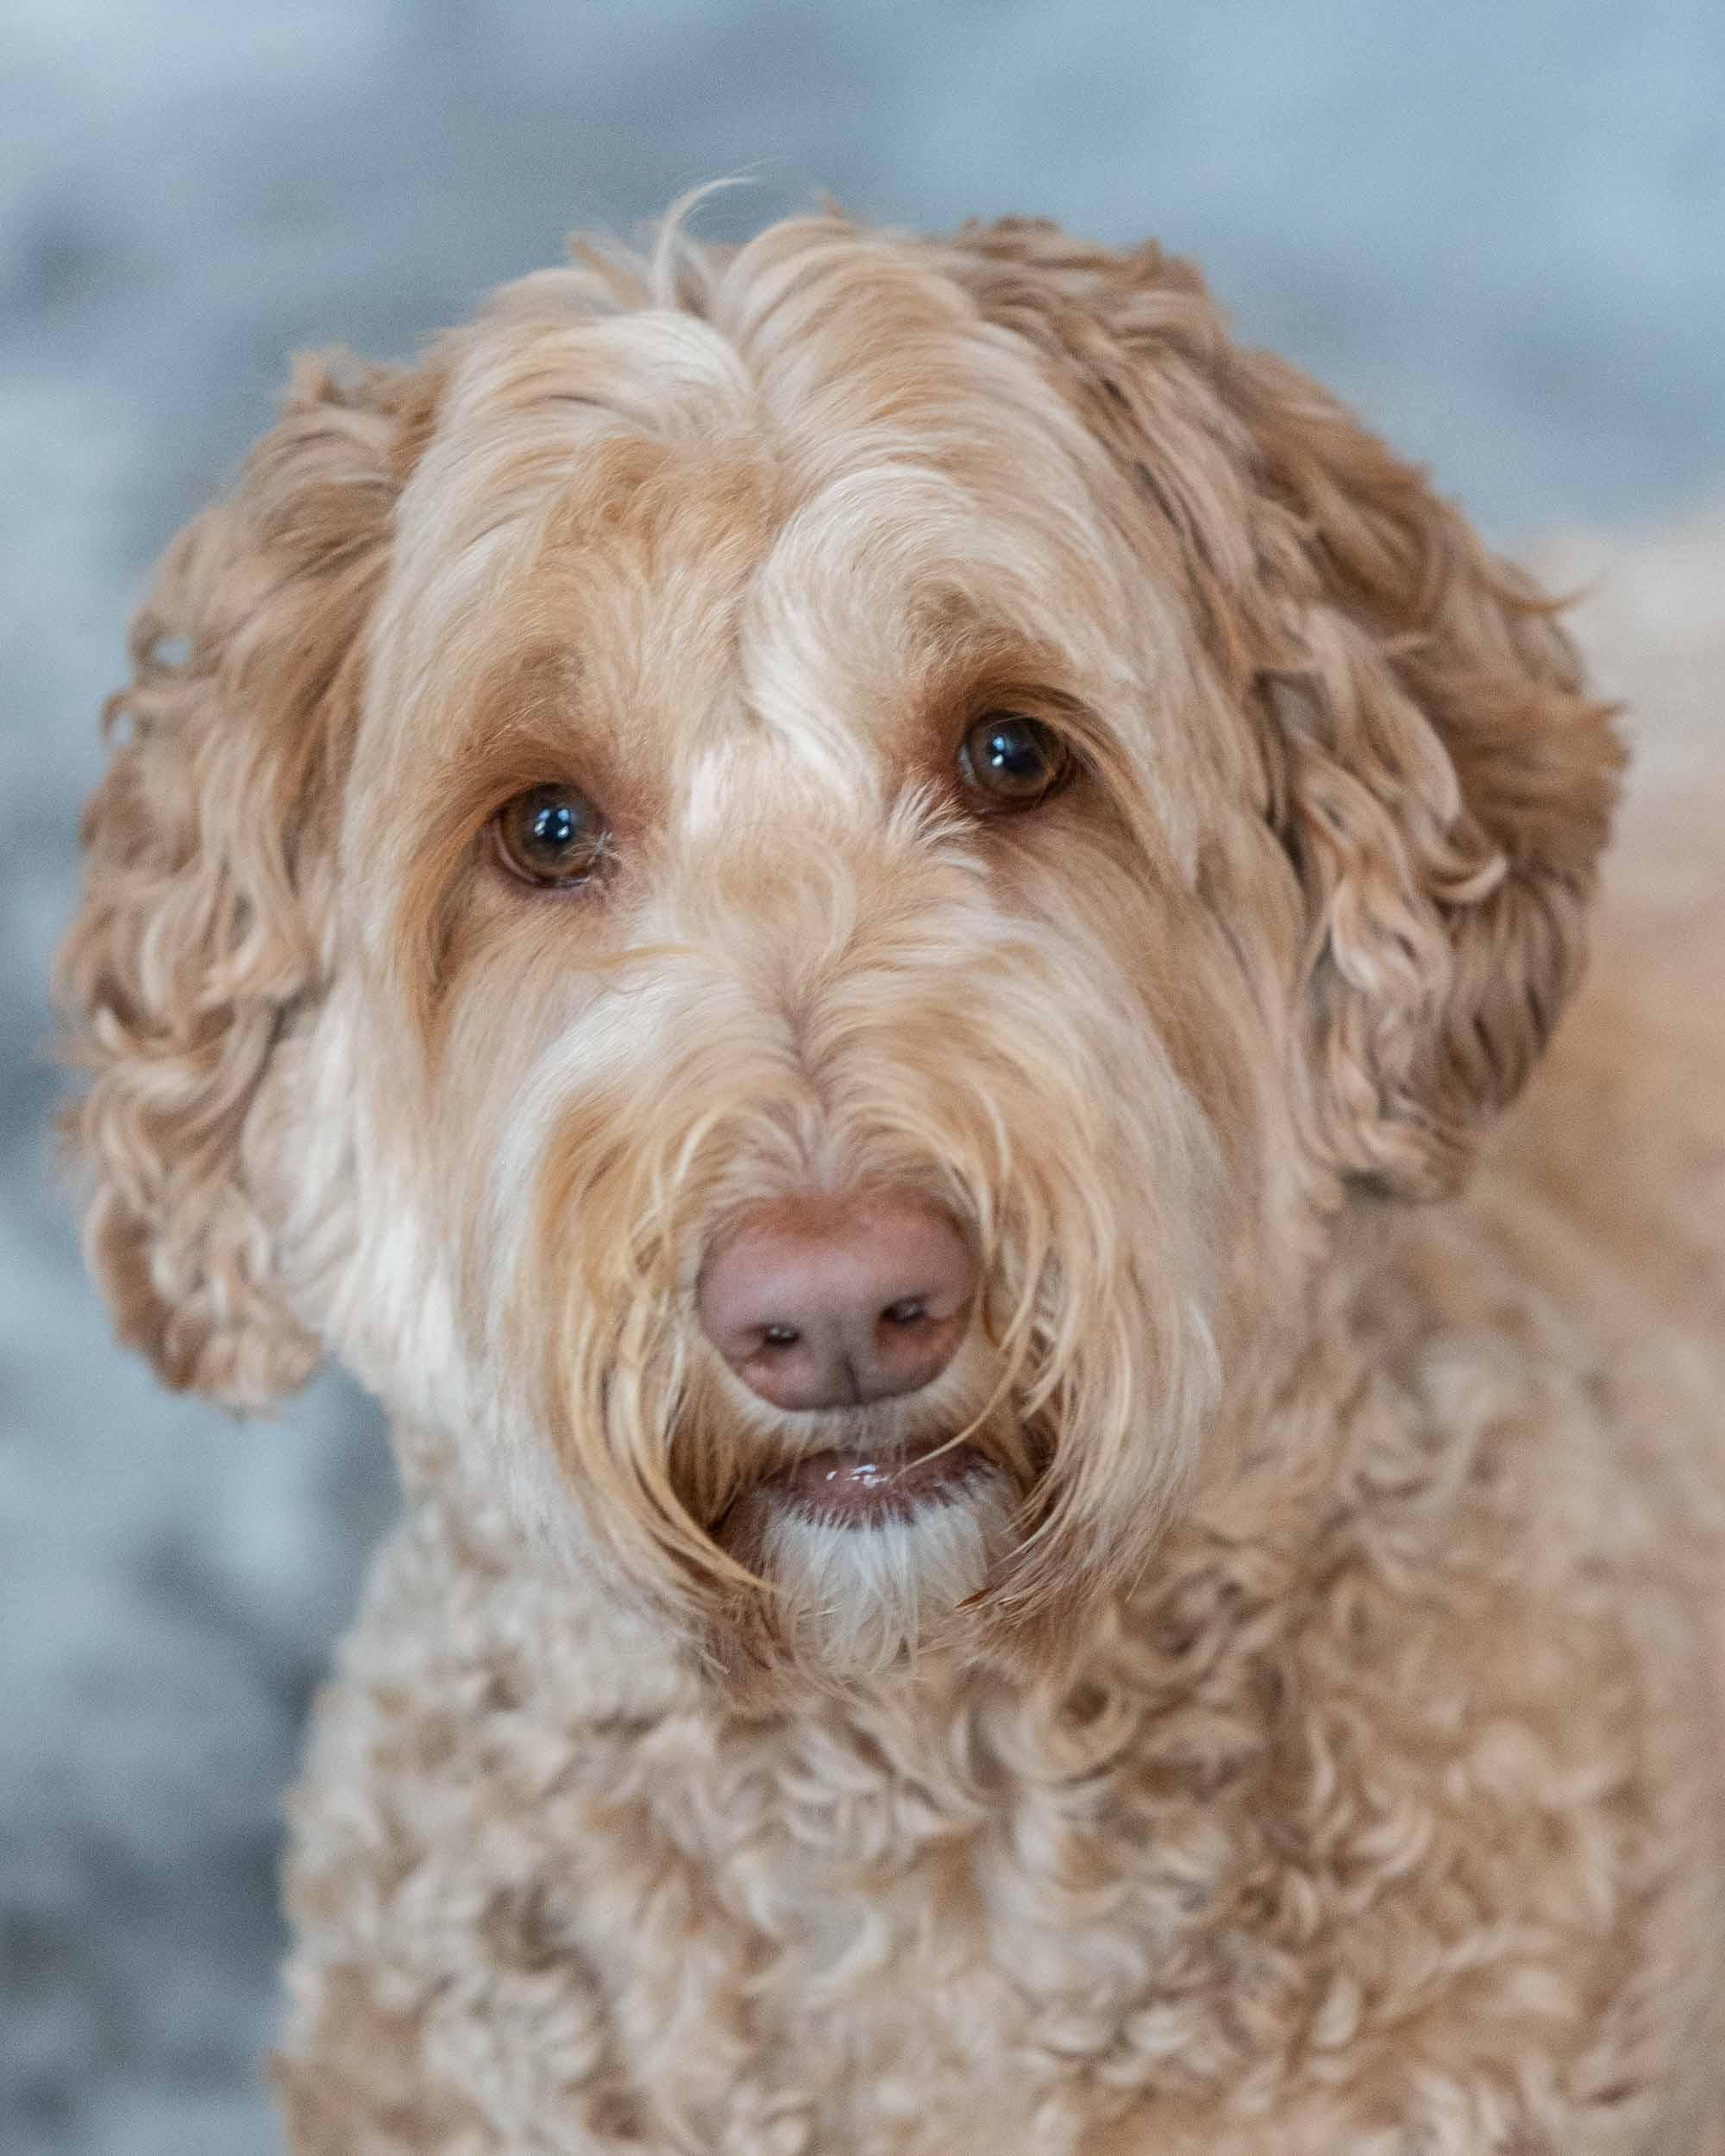 Описание породы собак лабрадудель: характер, уход, предназначение